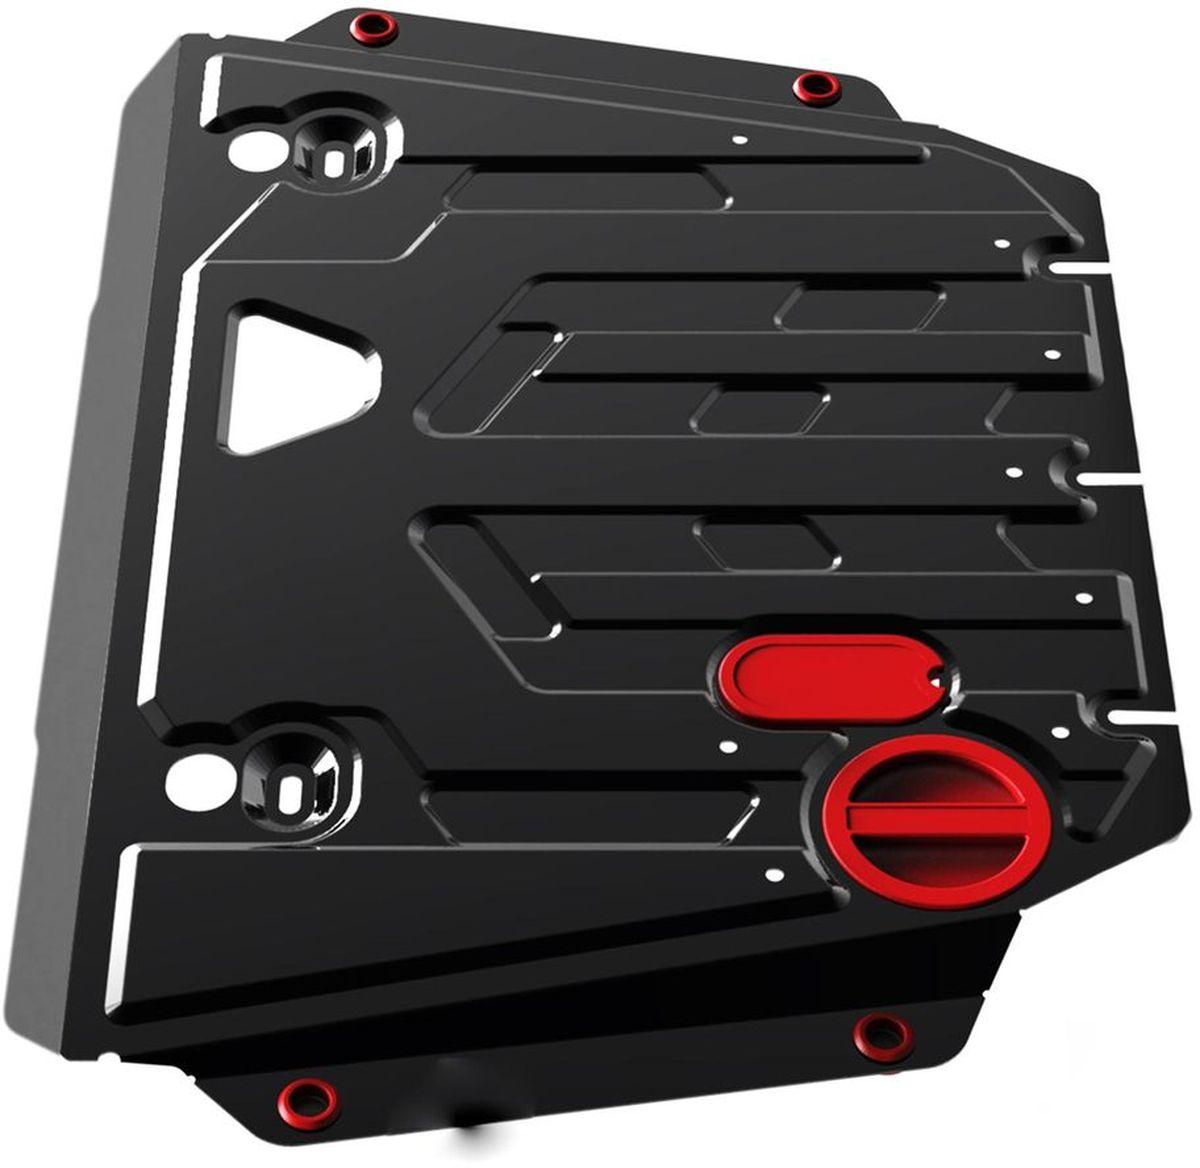 Защита картера и КПП Автоброня, для Hyundai ix55 V - 3,8 (2008-2013)SVC-300Технологически совершенный продукт за невысокую стоимость.Защита разработана с учетом особенностей днища автомобиля, что позволяет сохранить дорожный просвет с минимальным изменением.Защита устанавливается в штатные места кузова автомобиля. Глубокий штамп обеспечивает до двух раз больше жесткости в сравнении с обычной защитой той же толщины. Проштампованные ребра жесткости препятствуют деформации защиты при ударах.Тепловой зазор и вентиляционные отверстия обеспечивают сохранение температурного режима двигателя в норме. Скрытый крепеж предотвращает срыв крепежных элементов при наезде на препятствие.Шумопоглощающие резиновые элементы обеспечивают комфортную езду без вибраций и скрежета металла, а съемные лючки для слива масла и замены фильтра - экономию средств и время.Конструкция изделия не влияет на пассивную безопасность автомобиля (при ударе защита не воздействует на деформационные зоны кузова). Со штатным крепежом. В комплекте инструкция по установке.Толщина стали: 2 мм.Уважаемые клиенты!Обращаем ваше внимание, что элемент защиты имеет форму, соответствующую модели данного автомобиля. Фото служит для визуального восприятия товара и может отличаться от фактического.